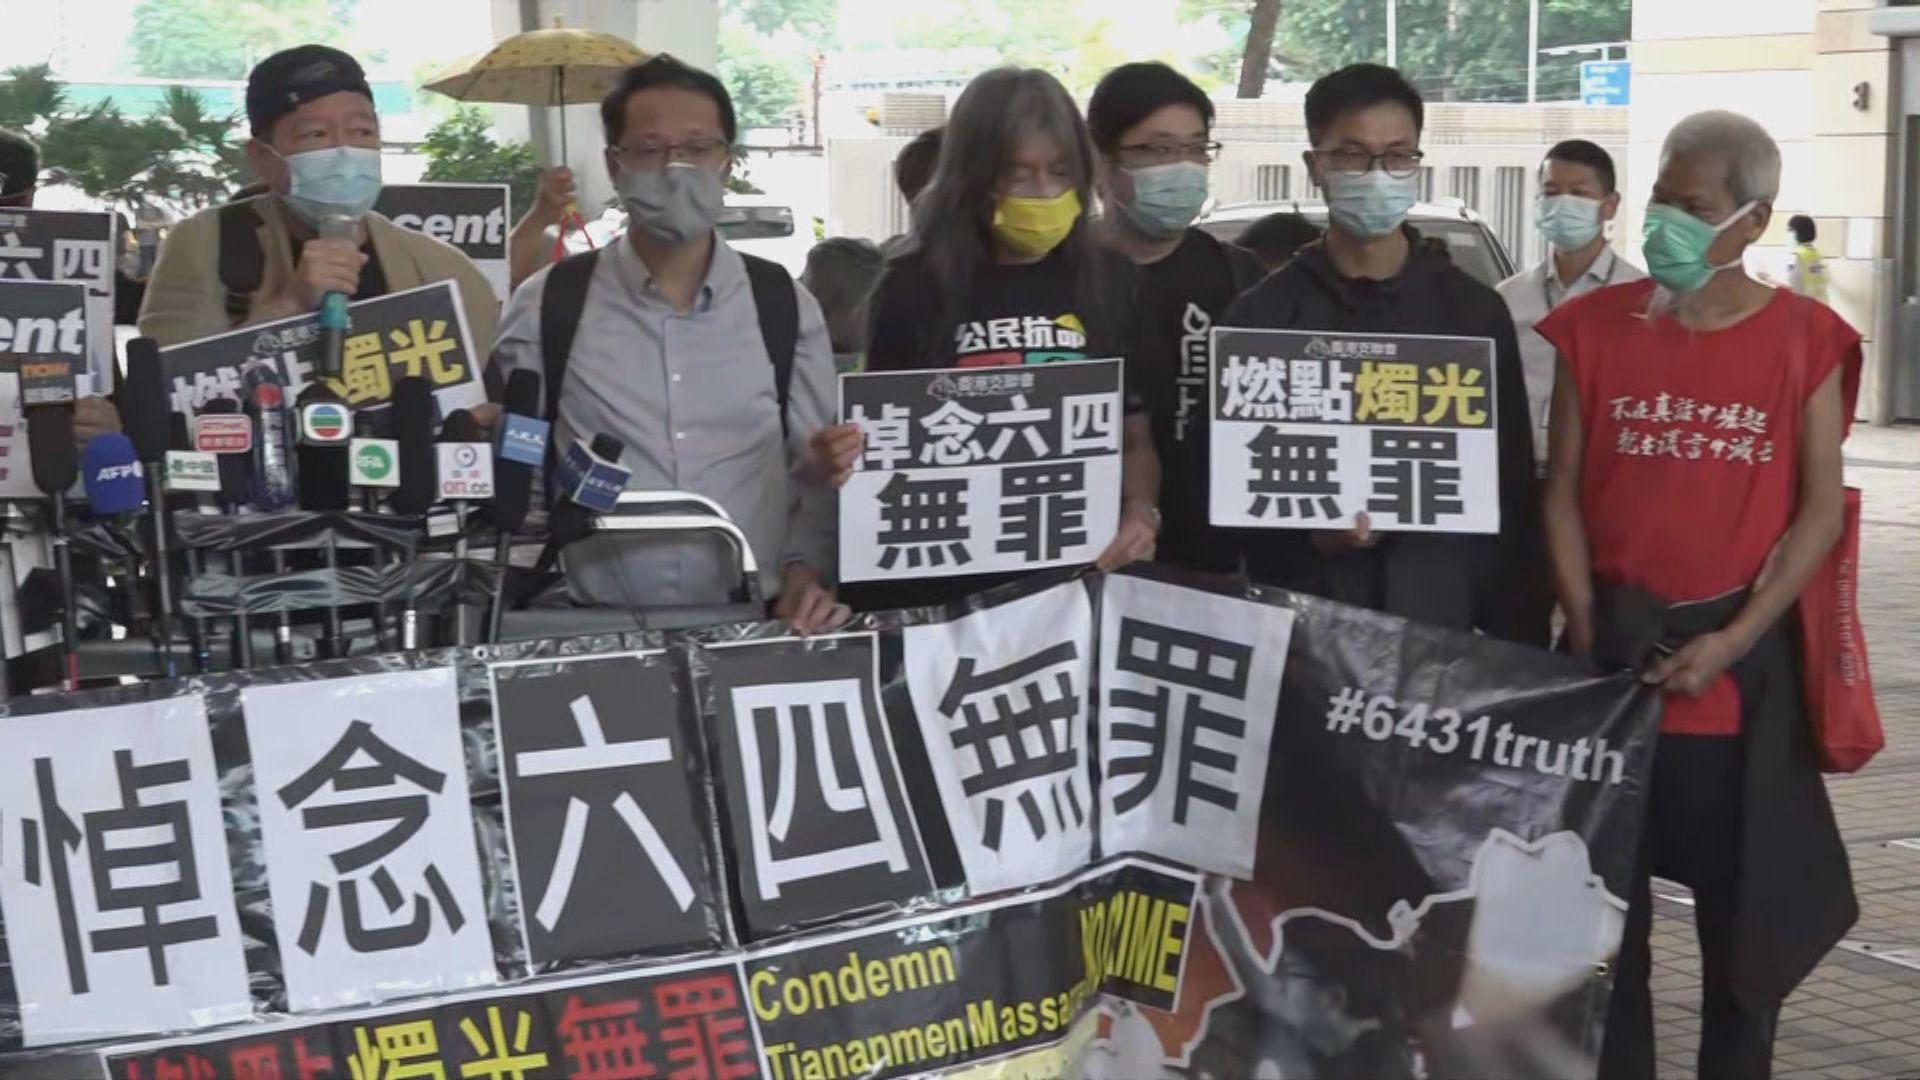 24名民主派人士六月四日涉非法集結 明年二月再訊